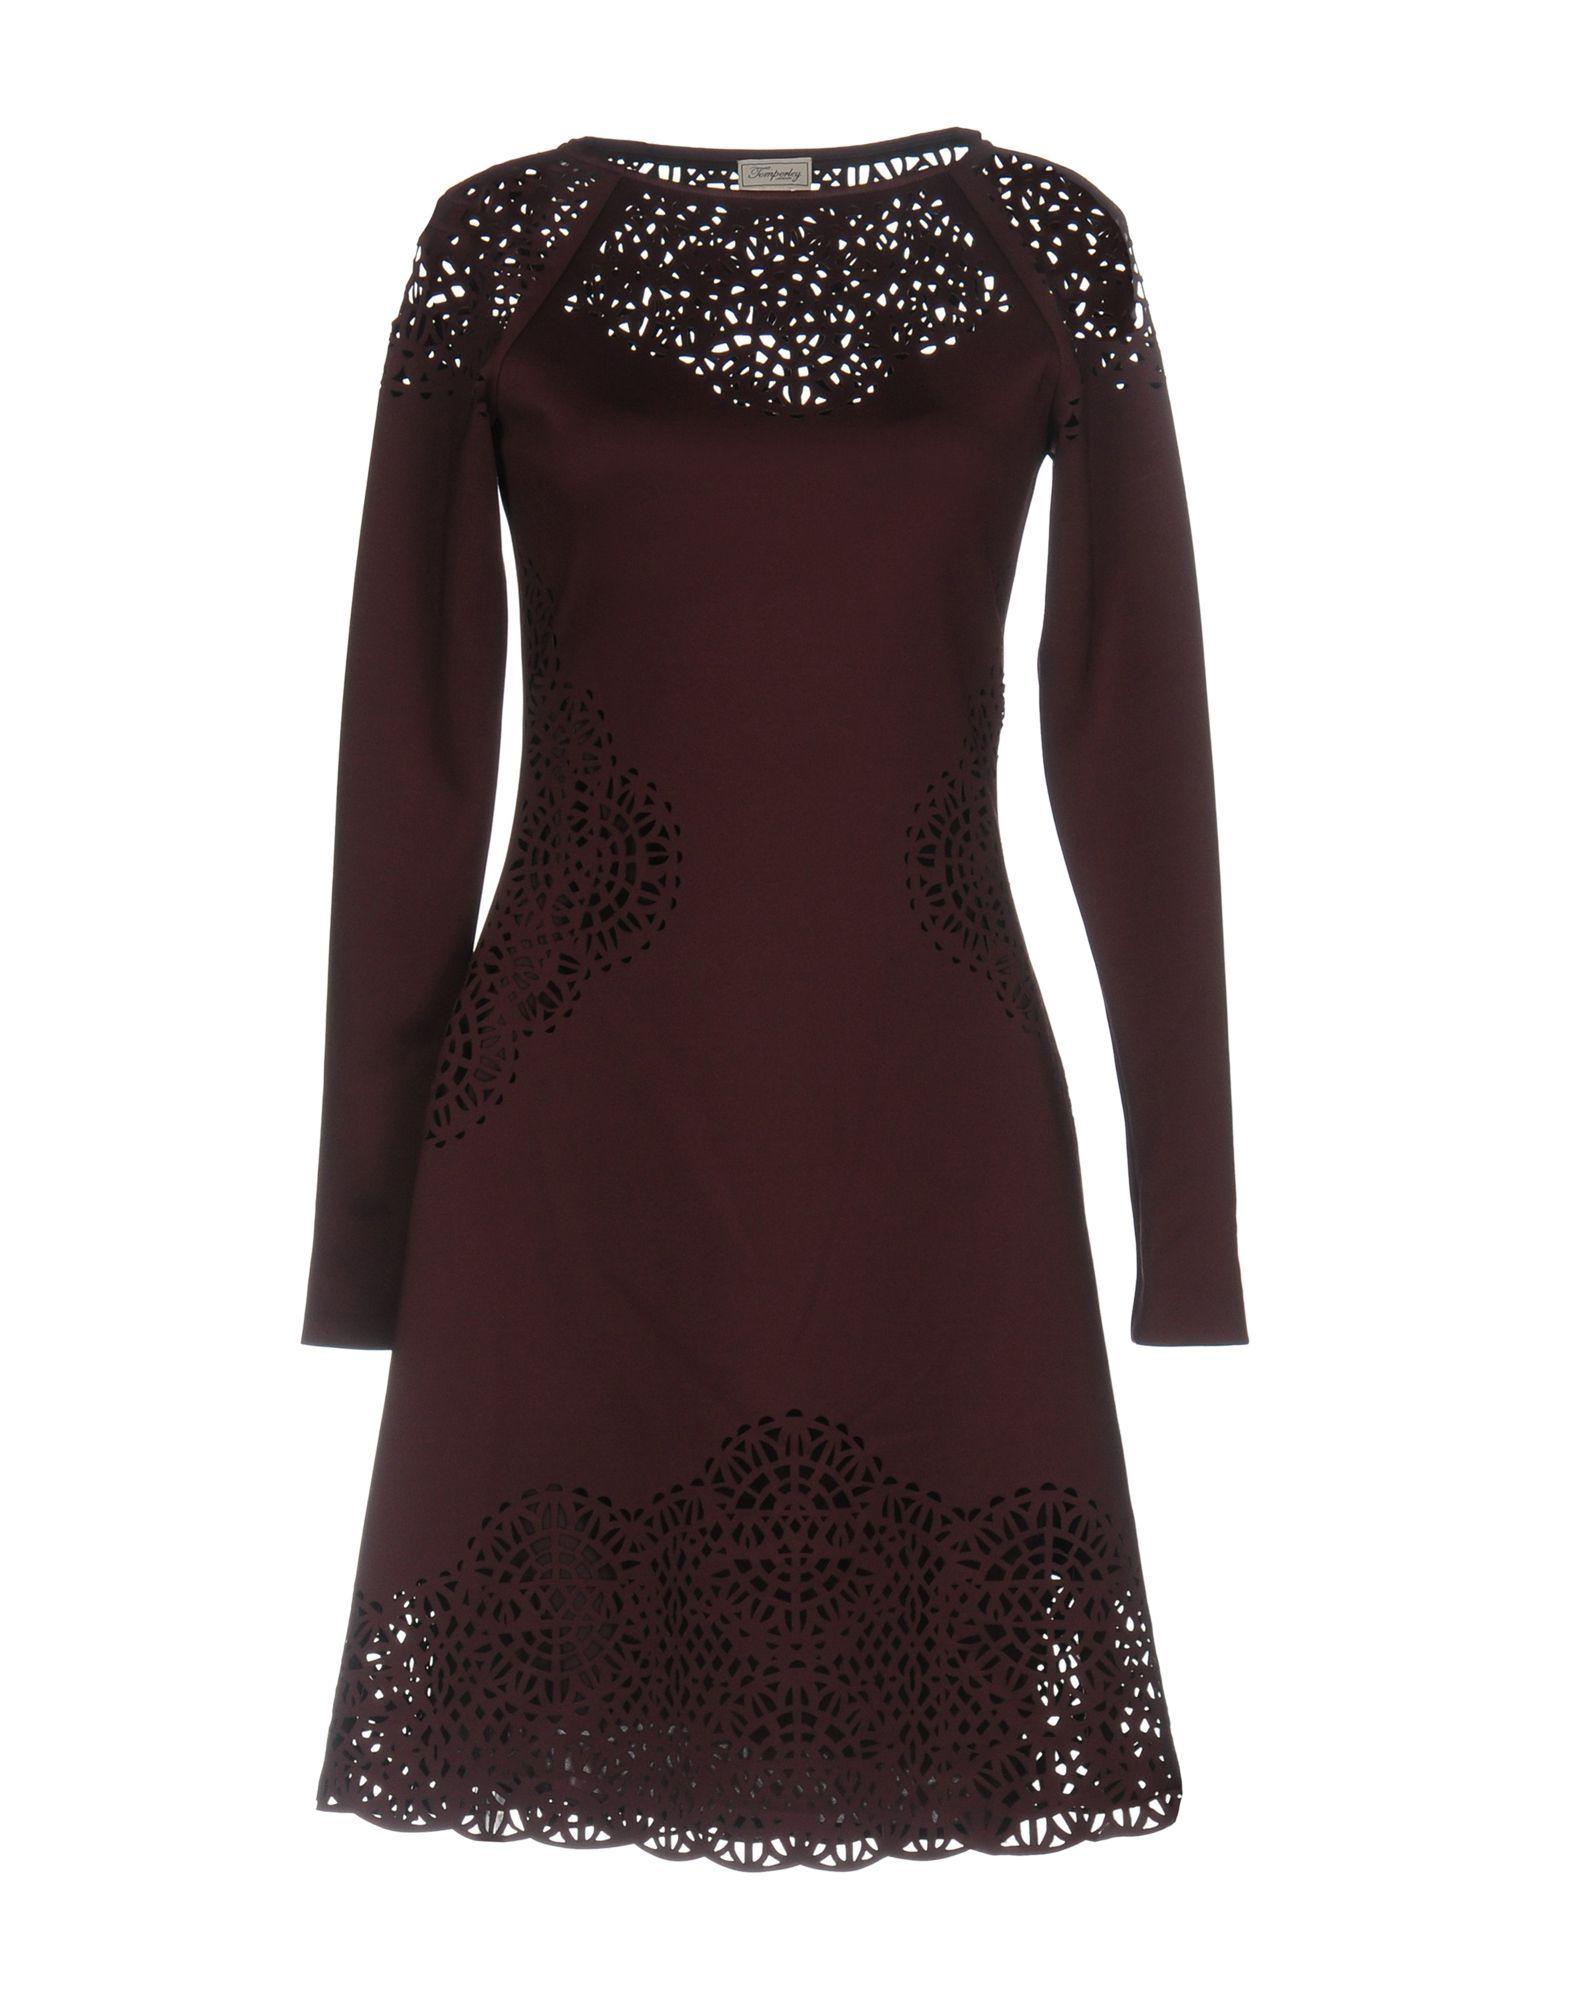 Temperley London Deep Purple Jersey Long Sleeve Dress